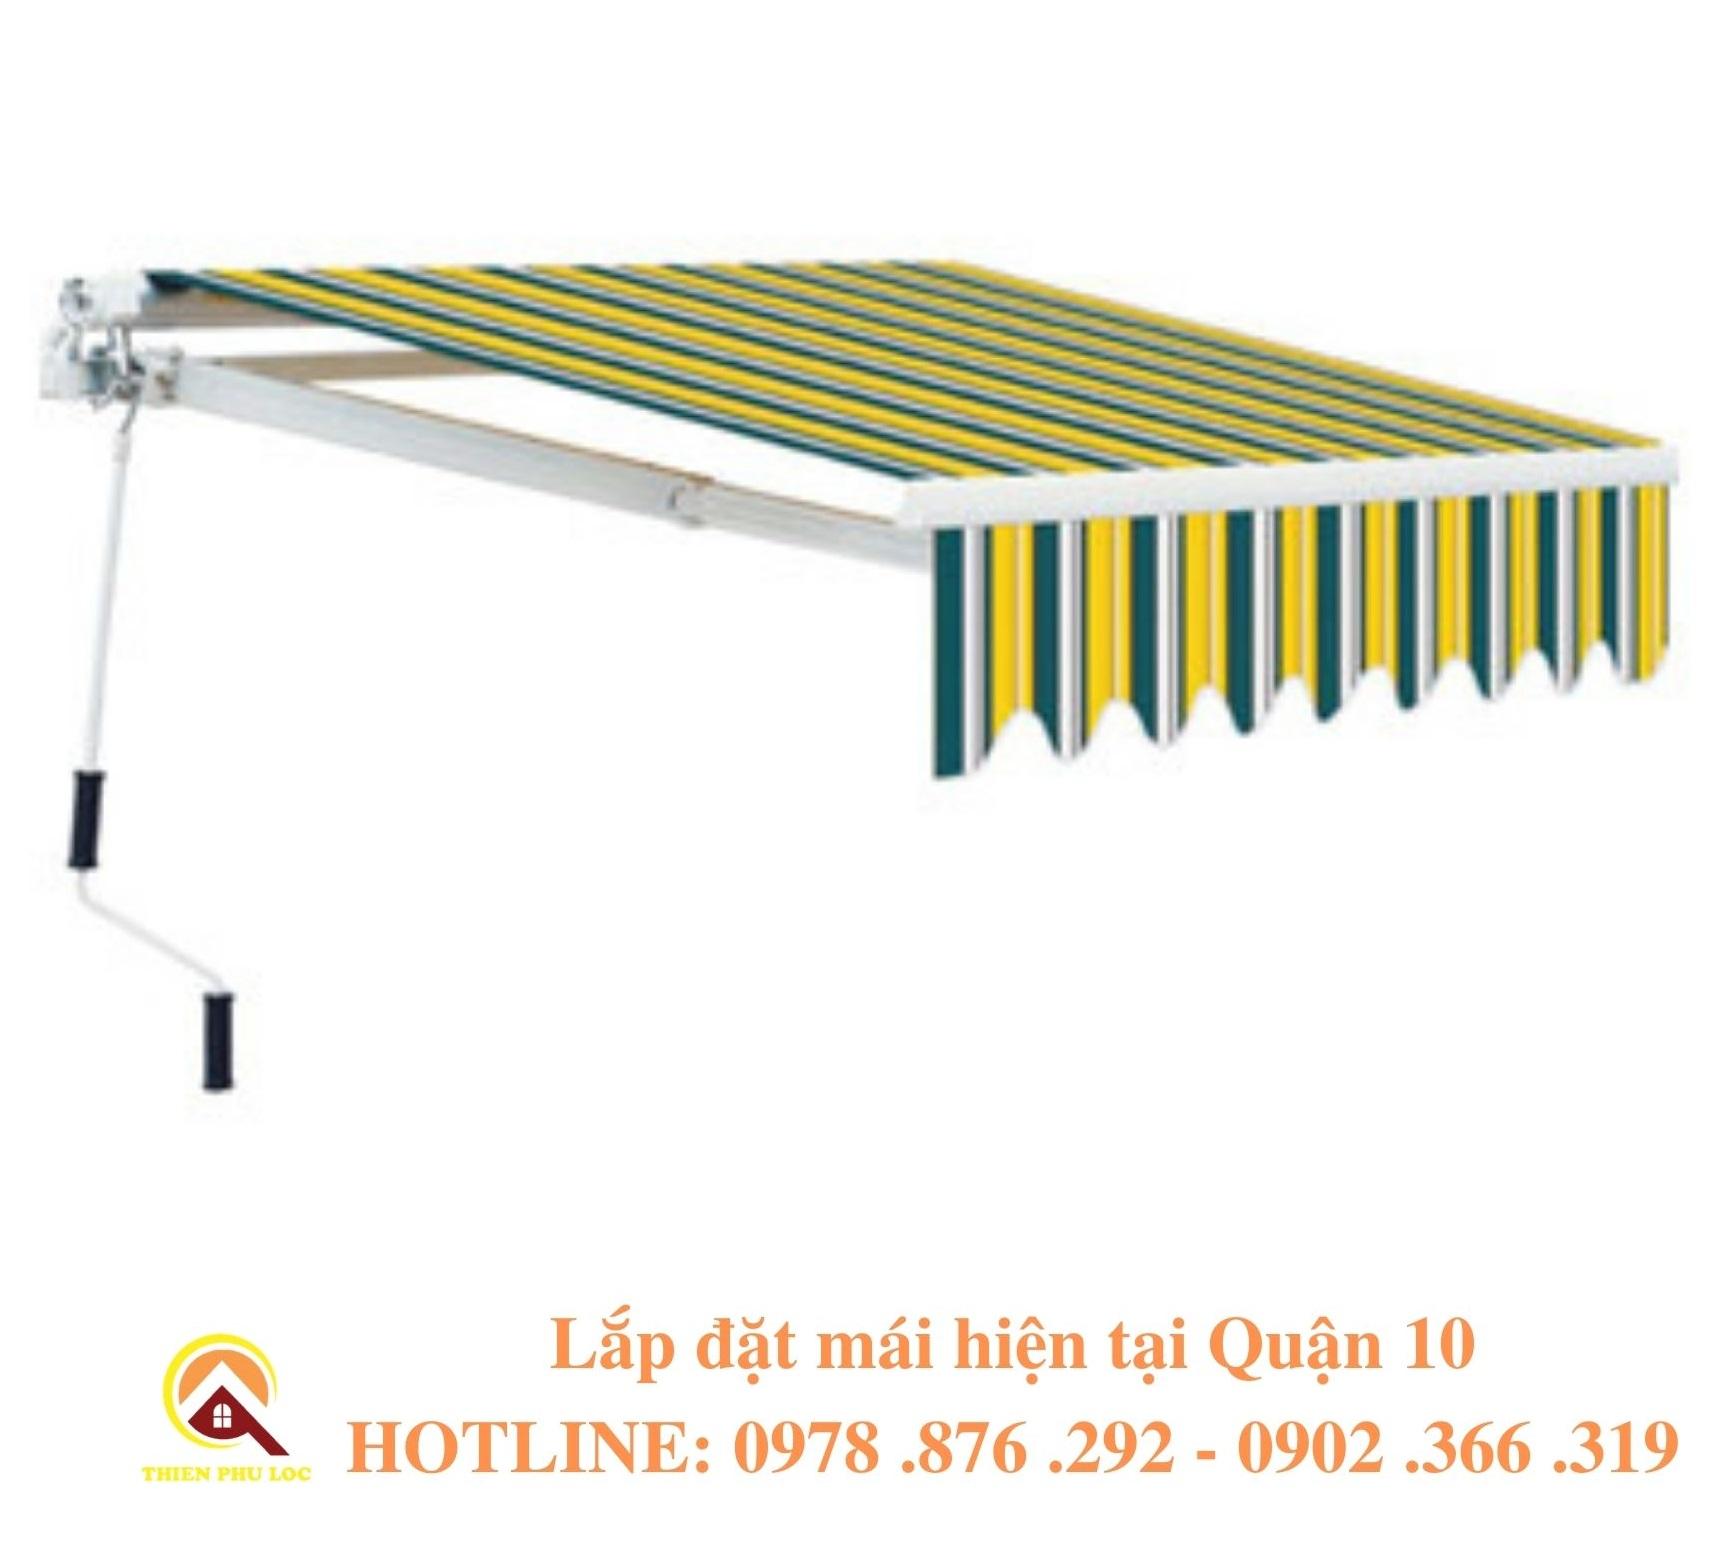 Sửa Chữa – Lắp Đặt Mái Hiên Quận 10 TpHCM | Nhanh Chóng & Uy Tín